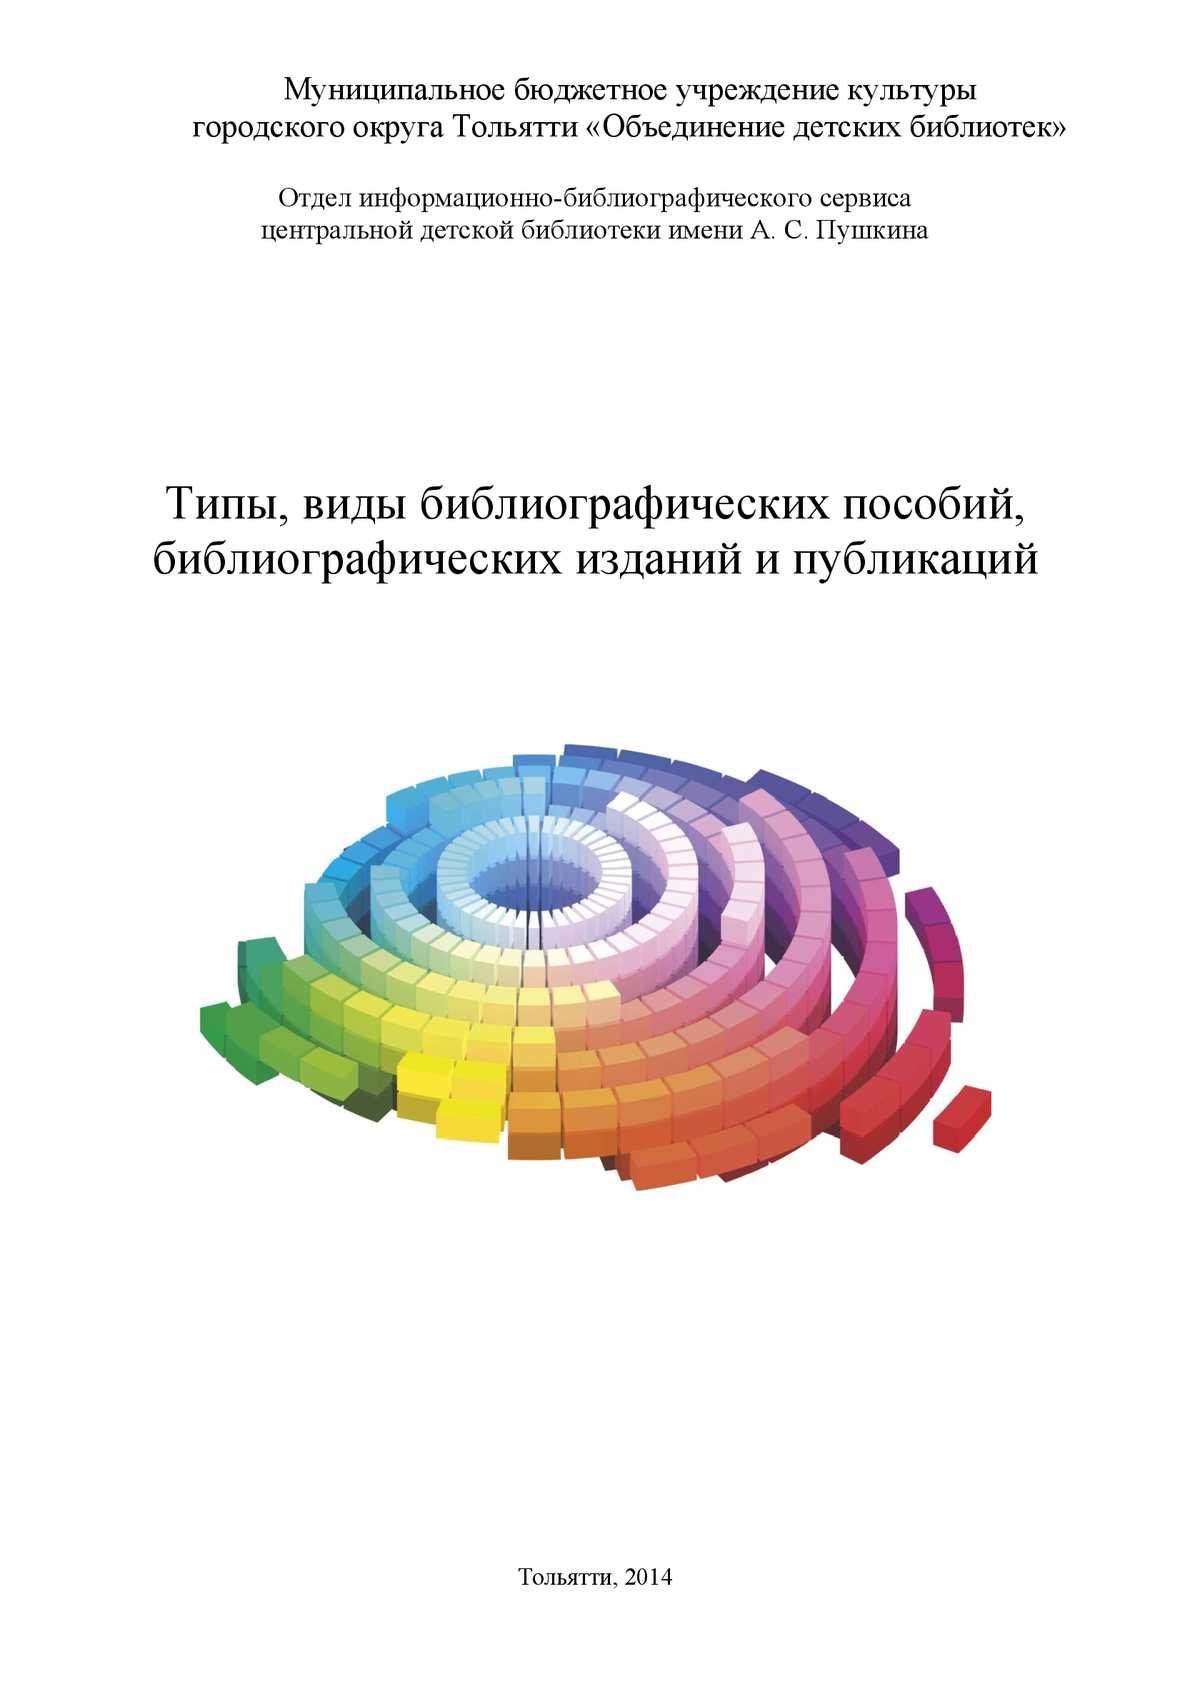 сжатое изложение толковый словарь живого великорусского языка